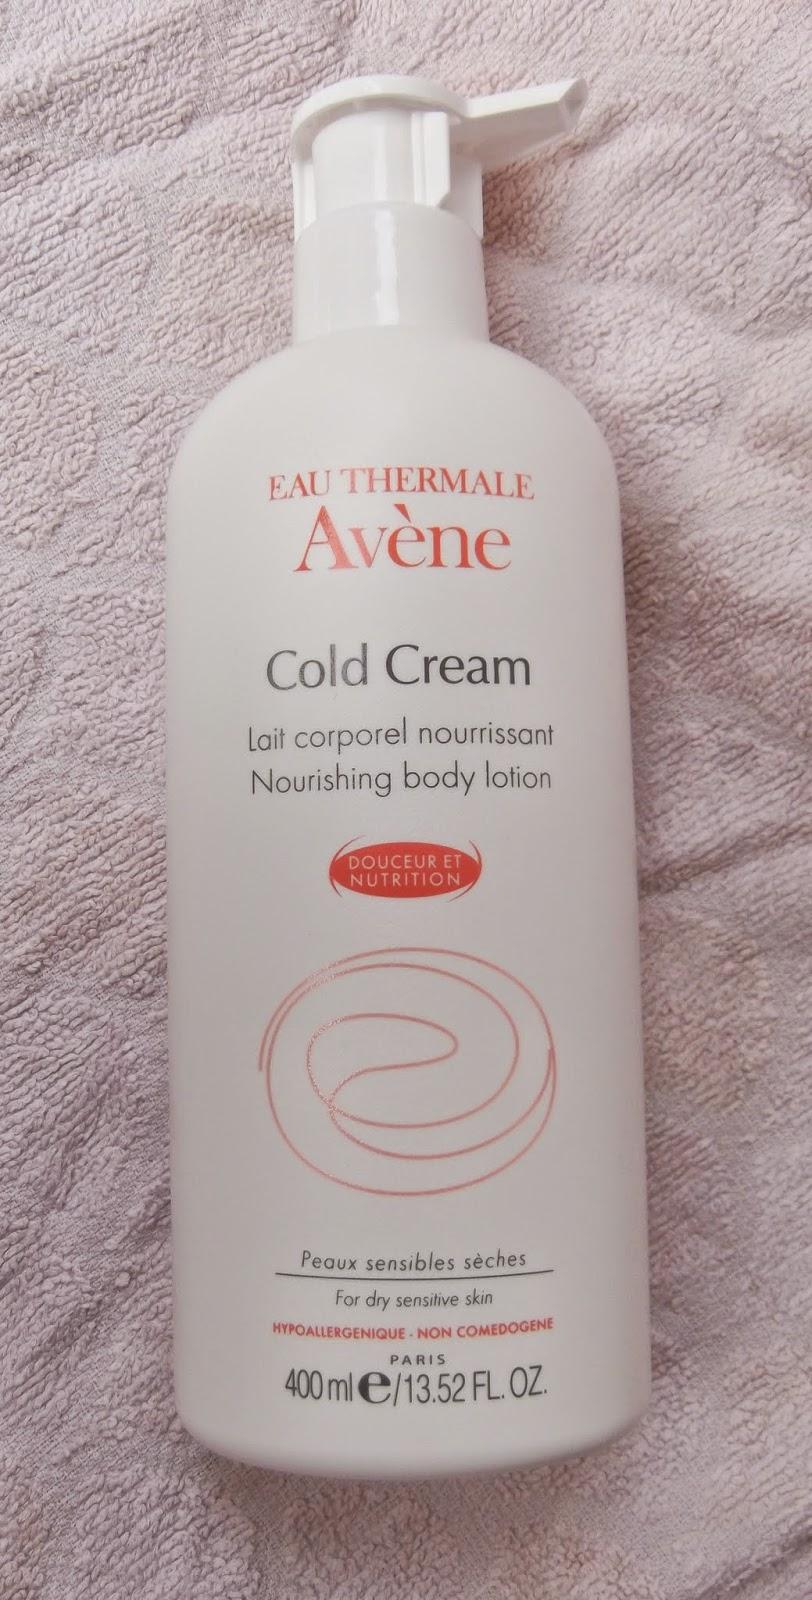 AVENE  Lait Corporel Nourrissant Cold Cream